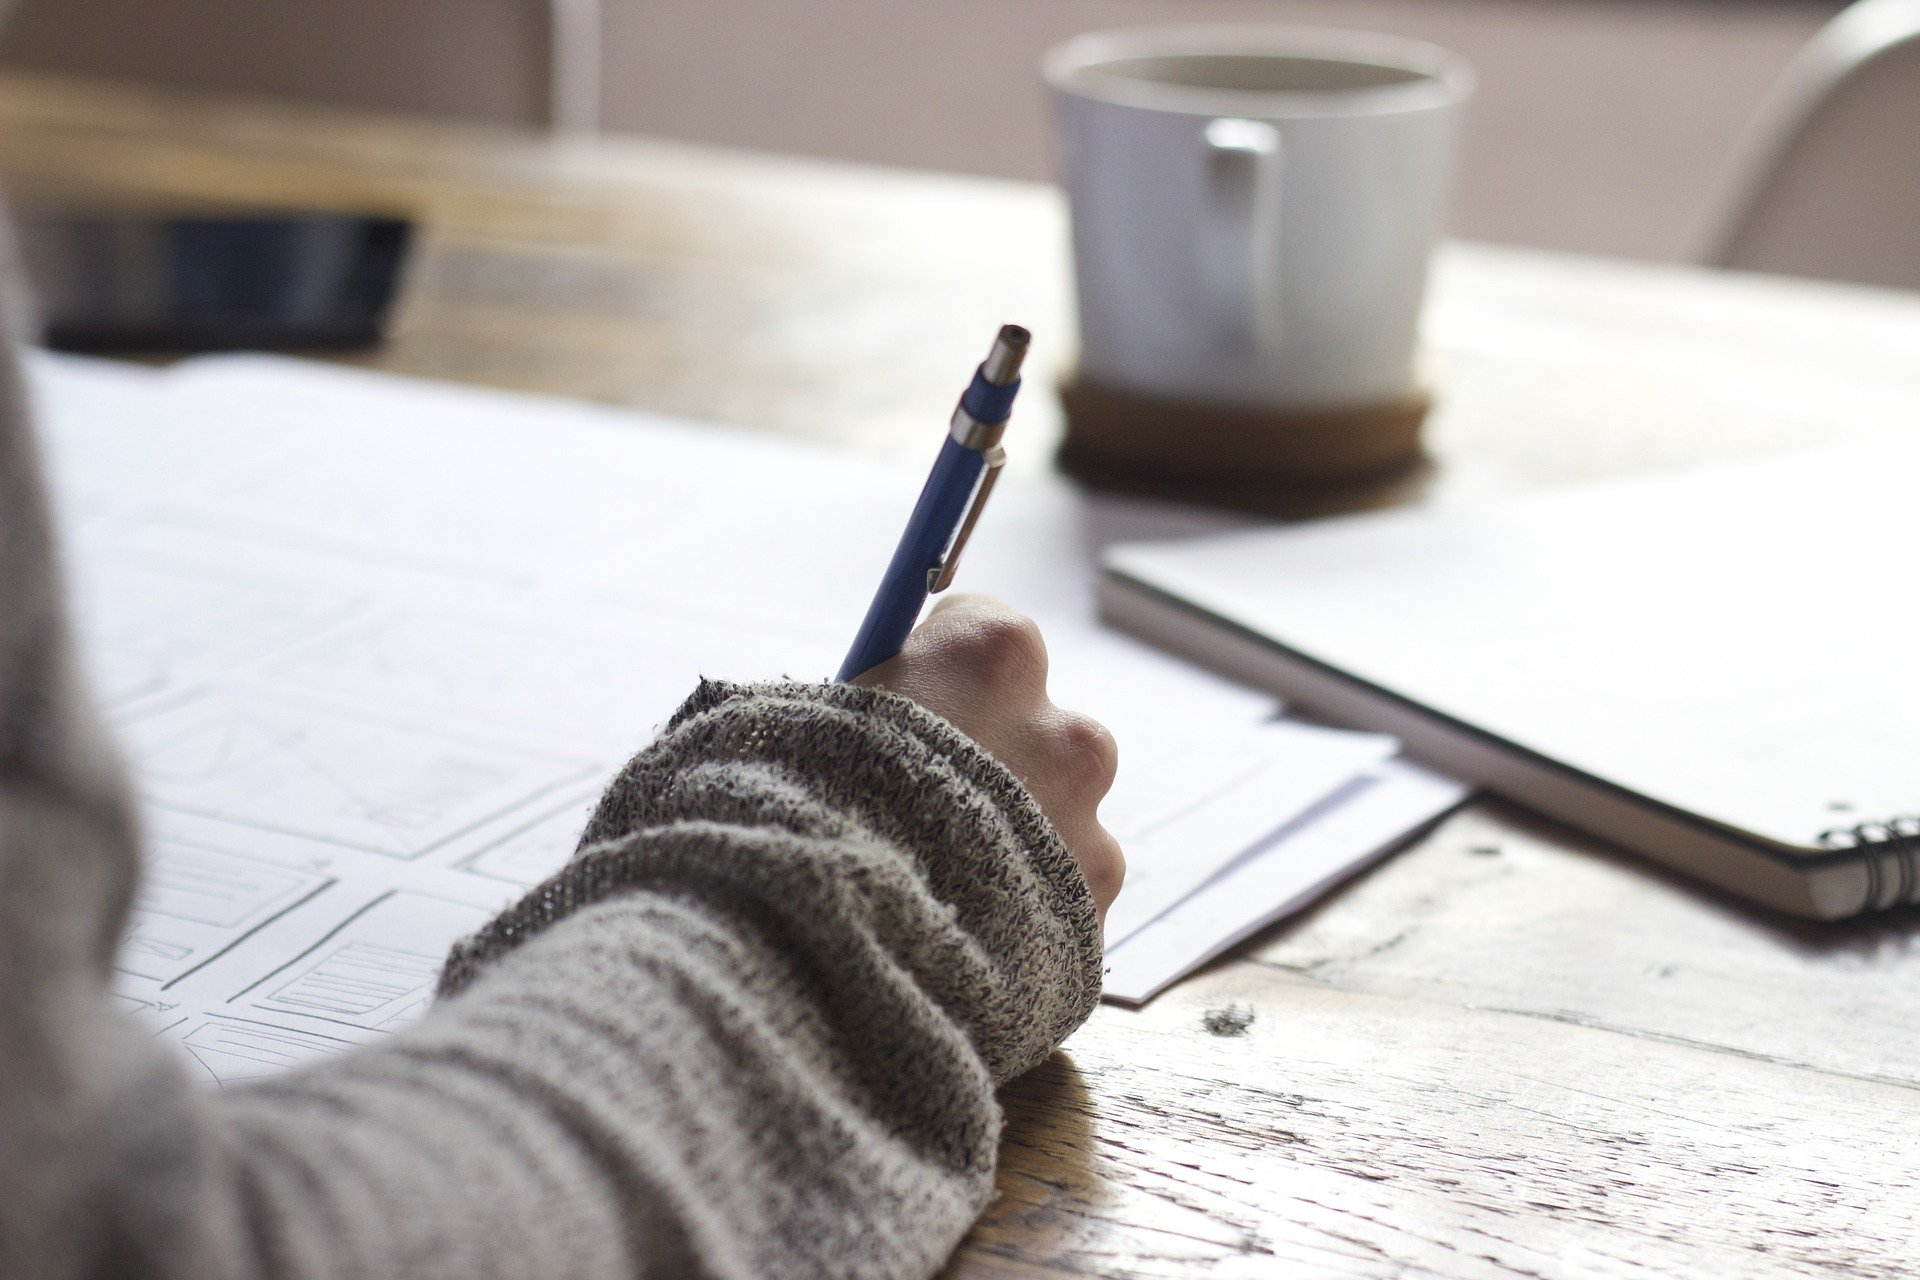 Viele Studierende stellen sich gerade die Frage: Wie kann meine Produktivität während des Studiums von zu Hause erhalten?